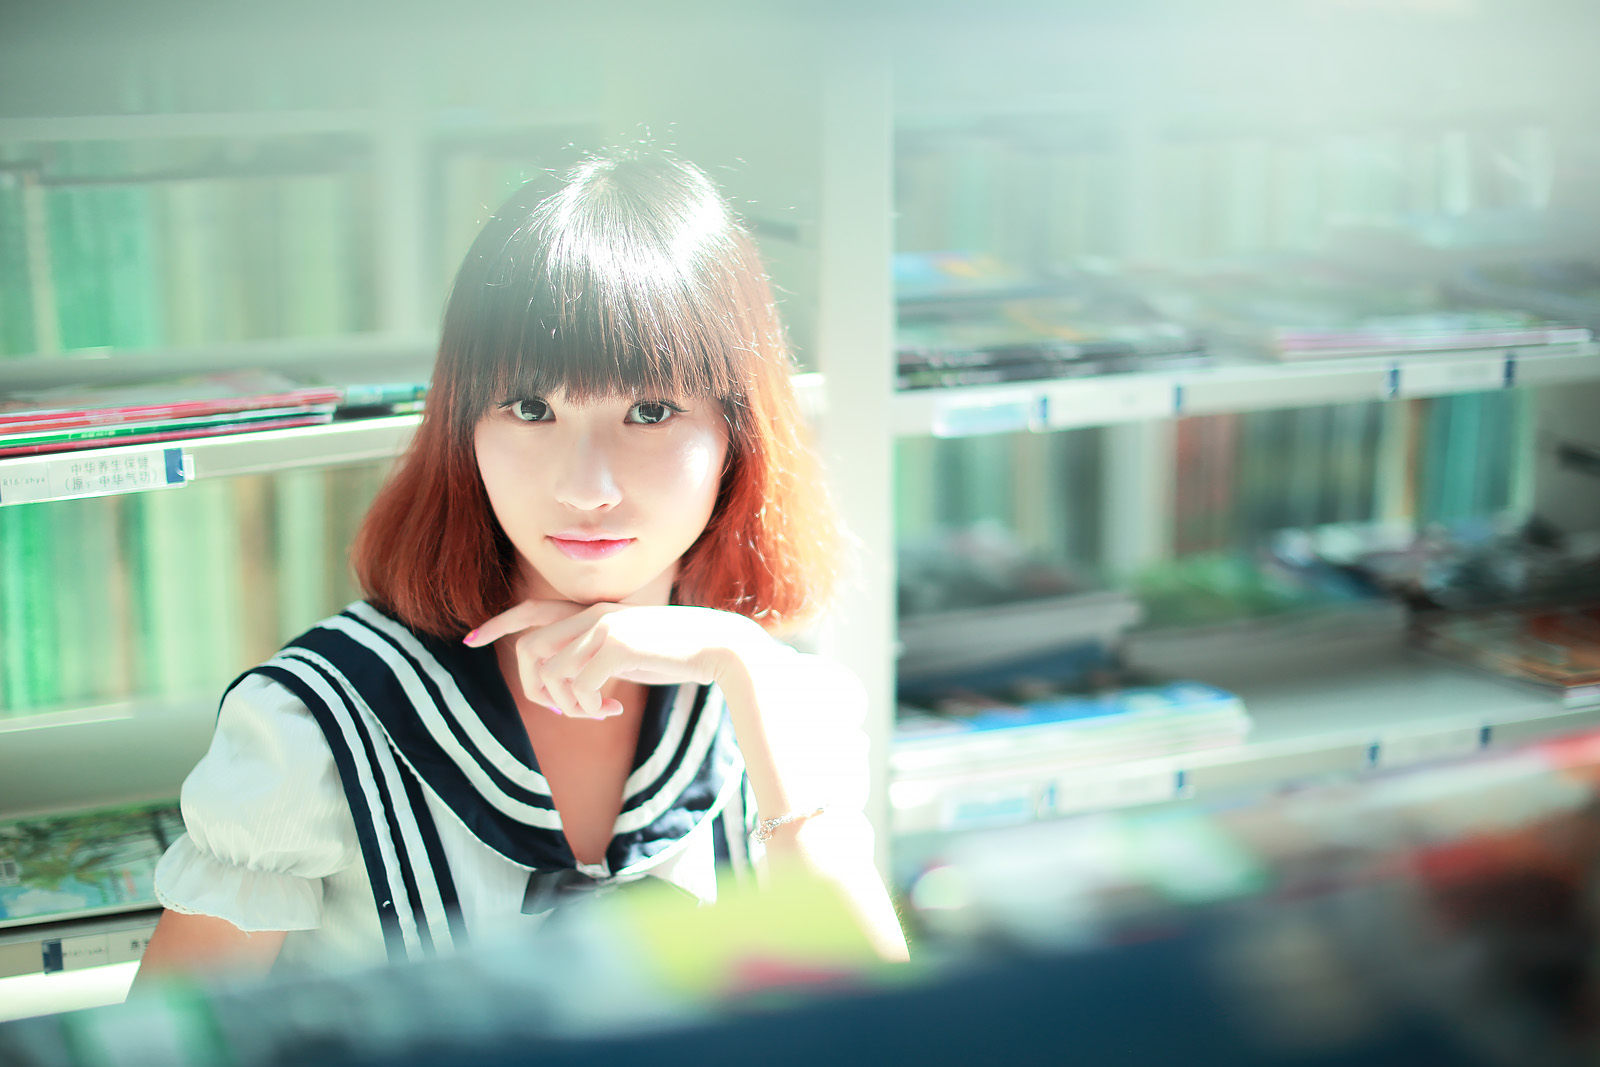 图书馆少女|摄影|人像|雅尔 - 原创作品 - 站酷图片